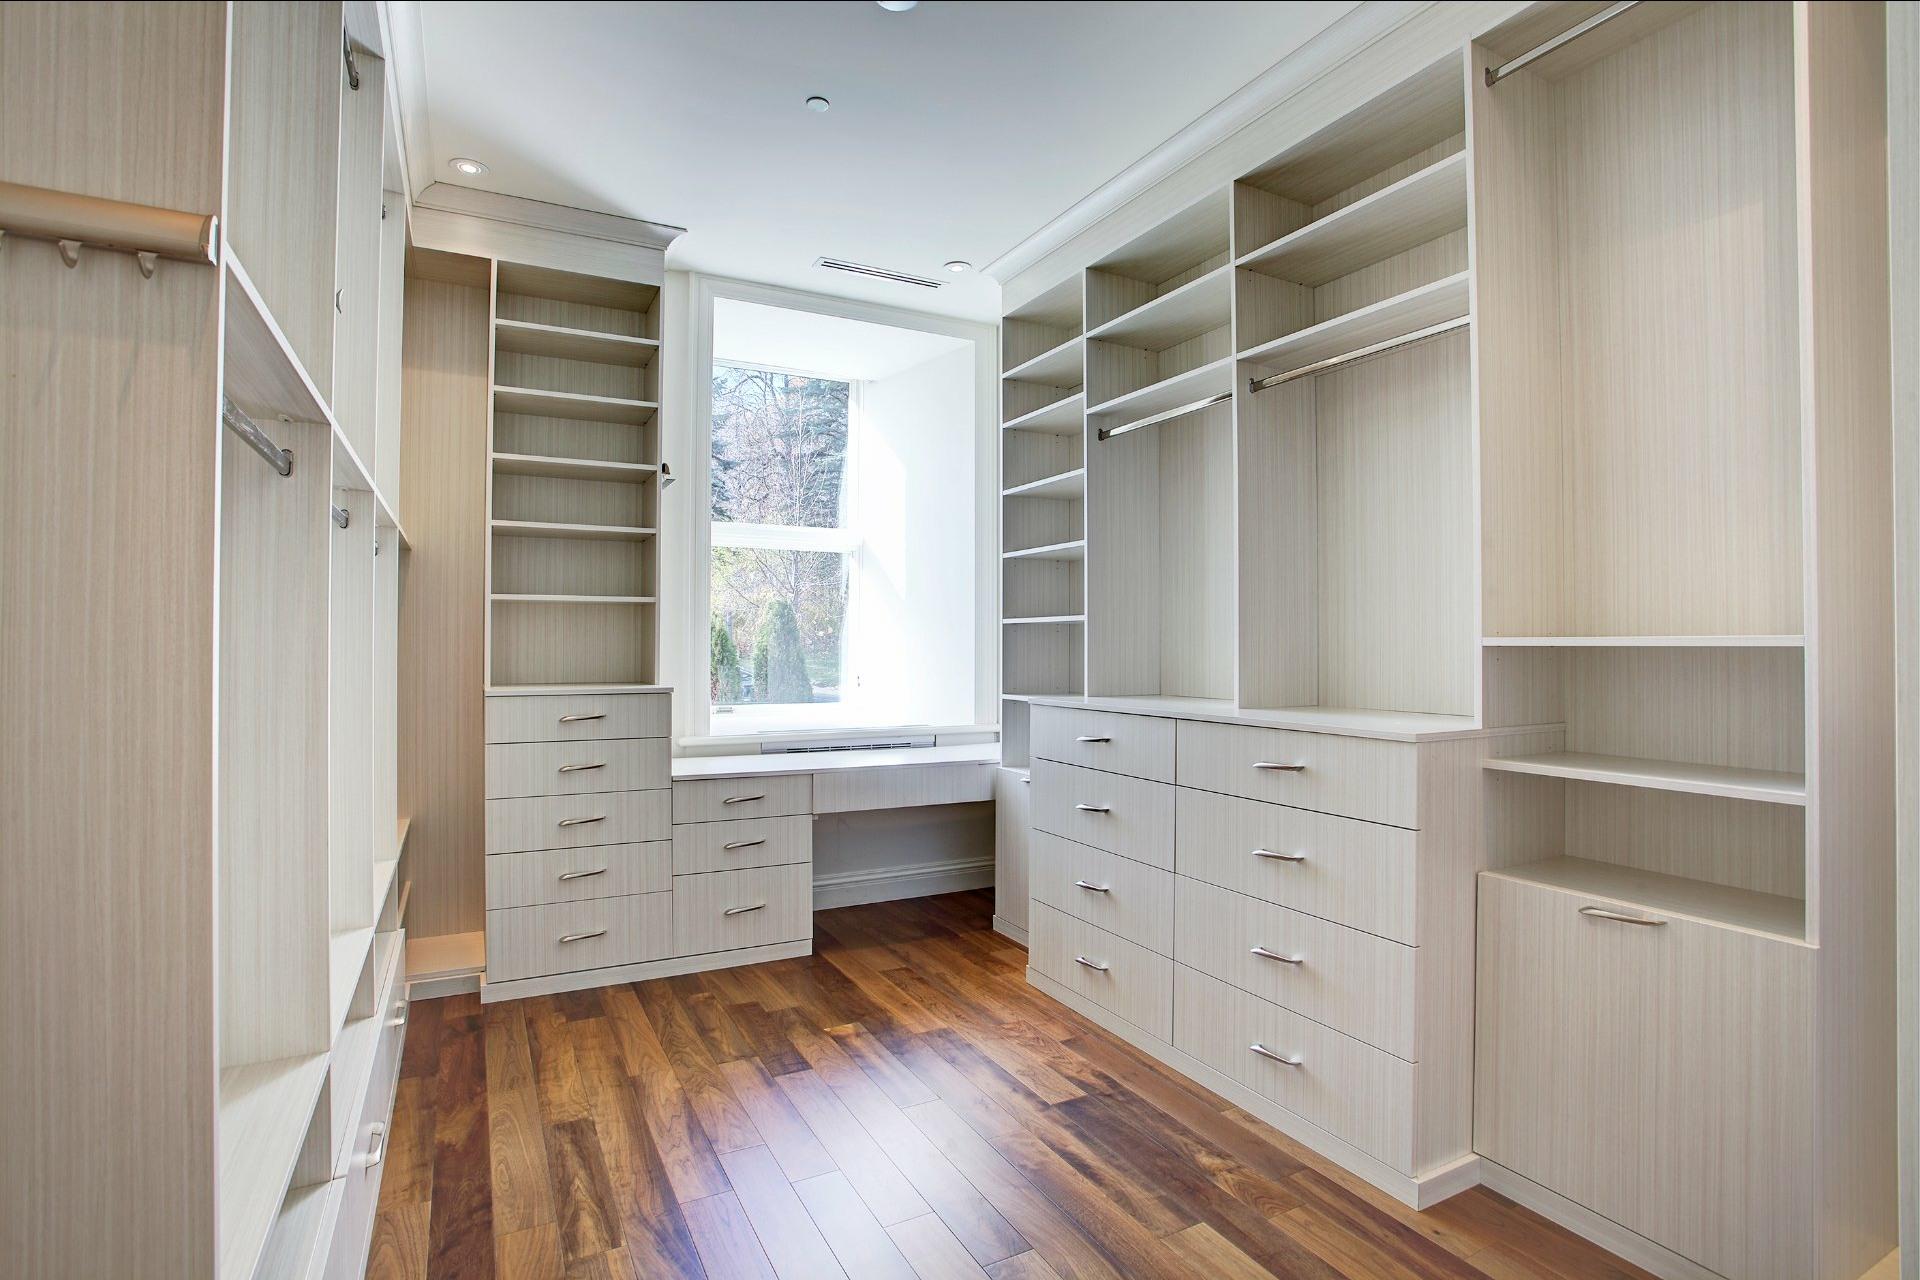 image 16 - Apartment For sale Montréal Ville-Marie  - 4 rooms